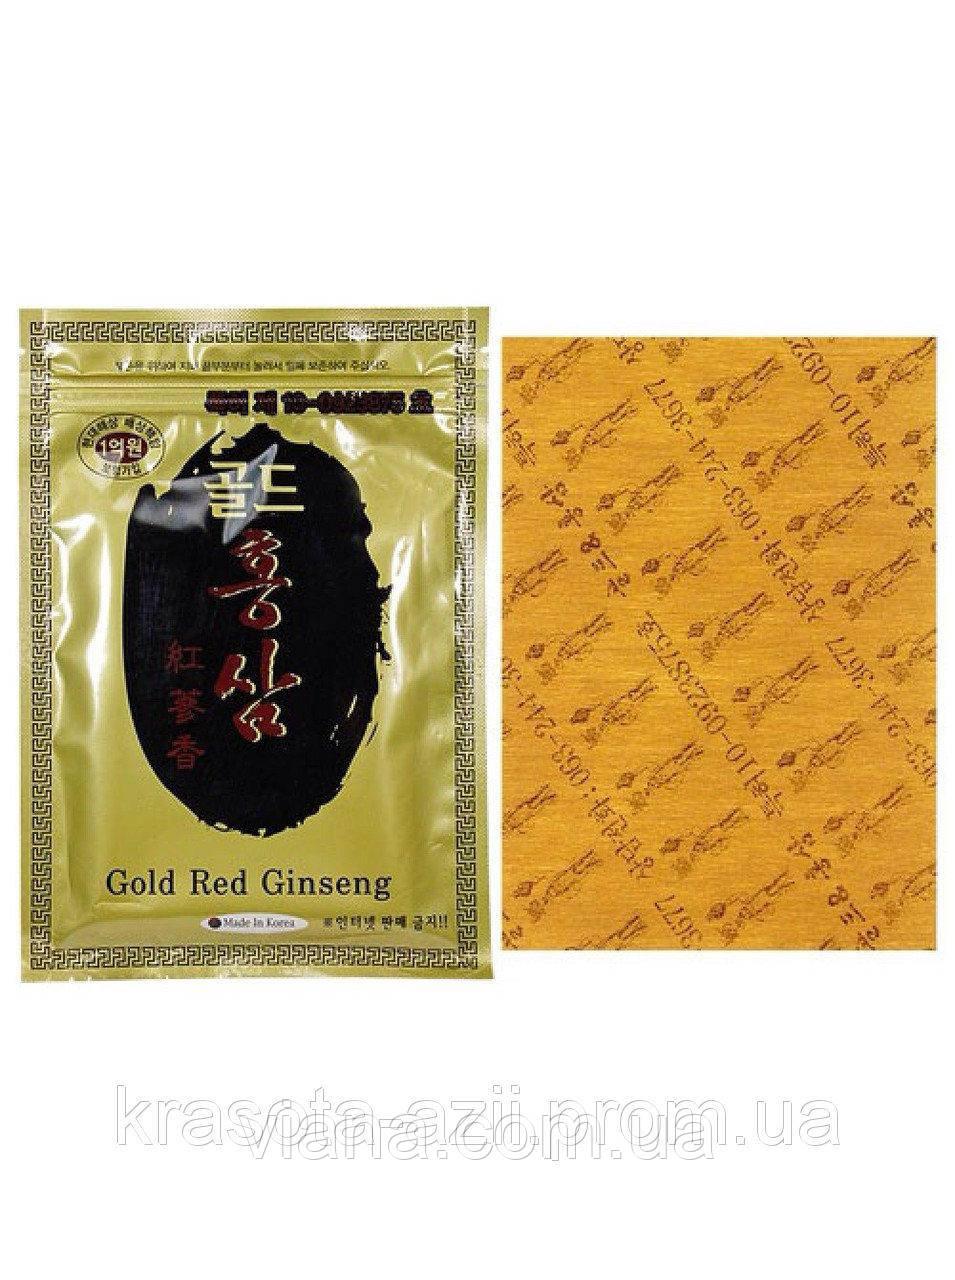 Высокоэффективный пластырь с красным корейским женьшенем от болей в спине производство Юж.Корея